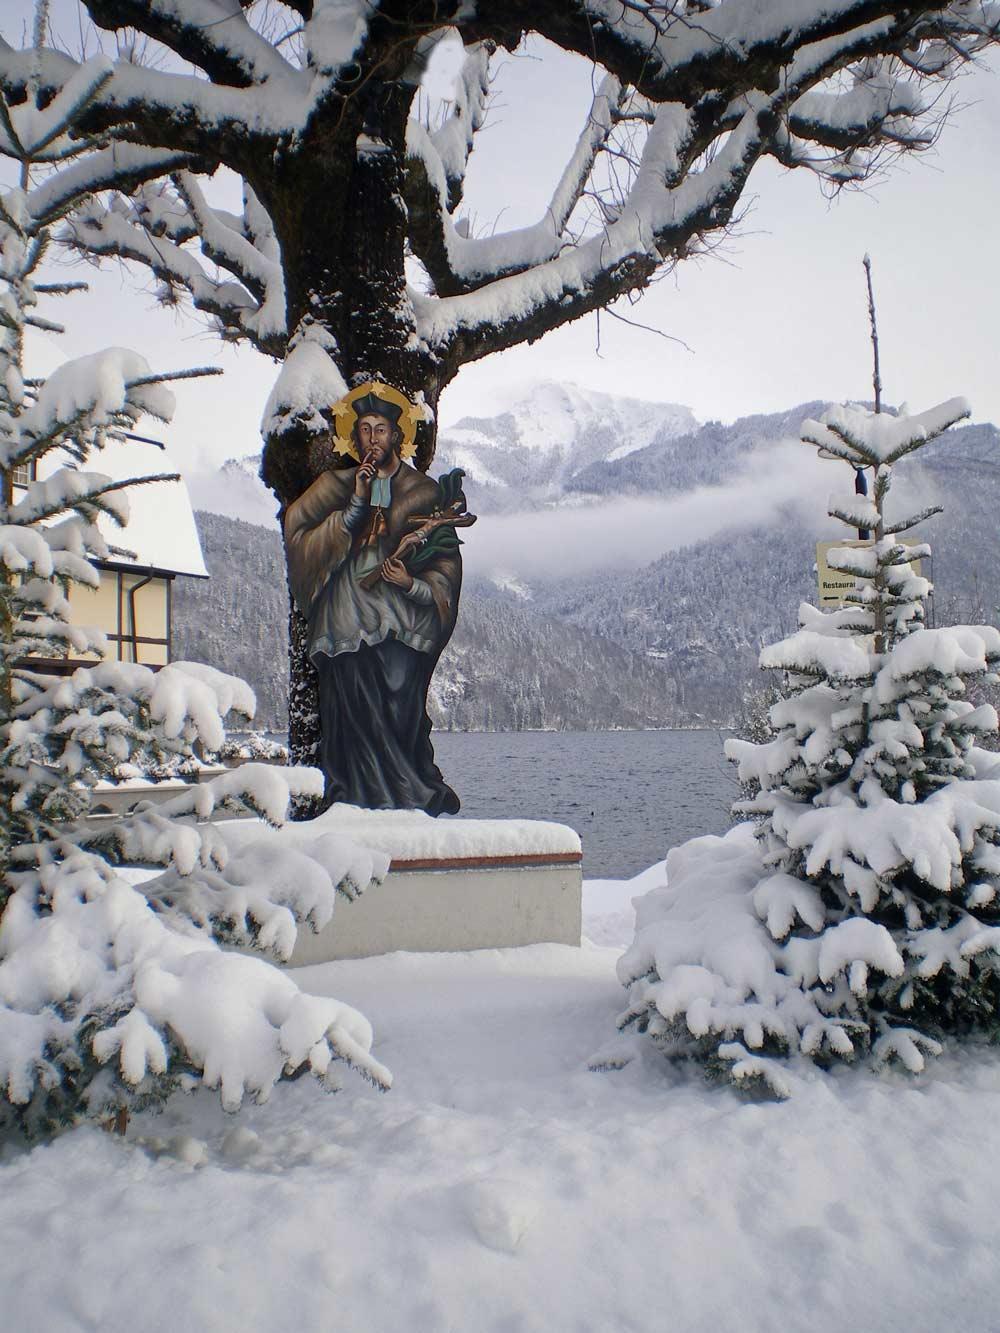 Ein vergnüglicher Winterspaziergang am Wolfgangsee Winter Naturerlebnis Wandern Winter